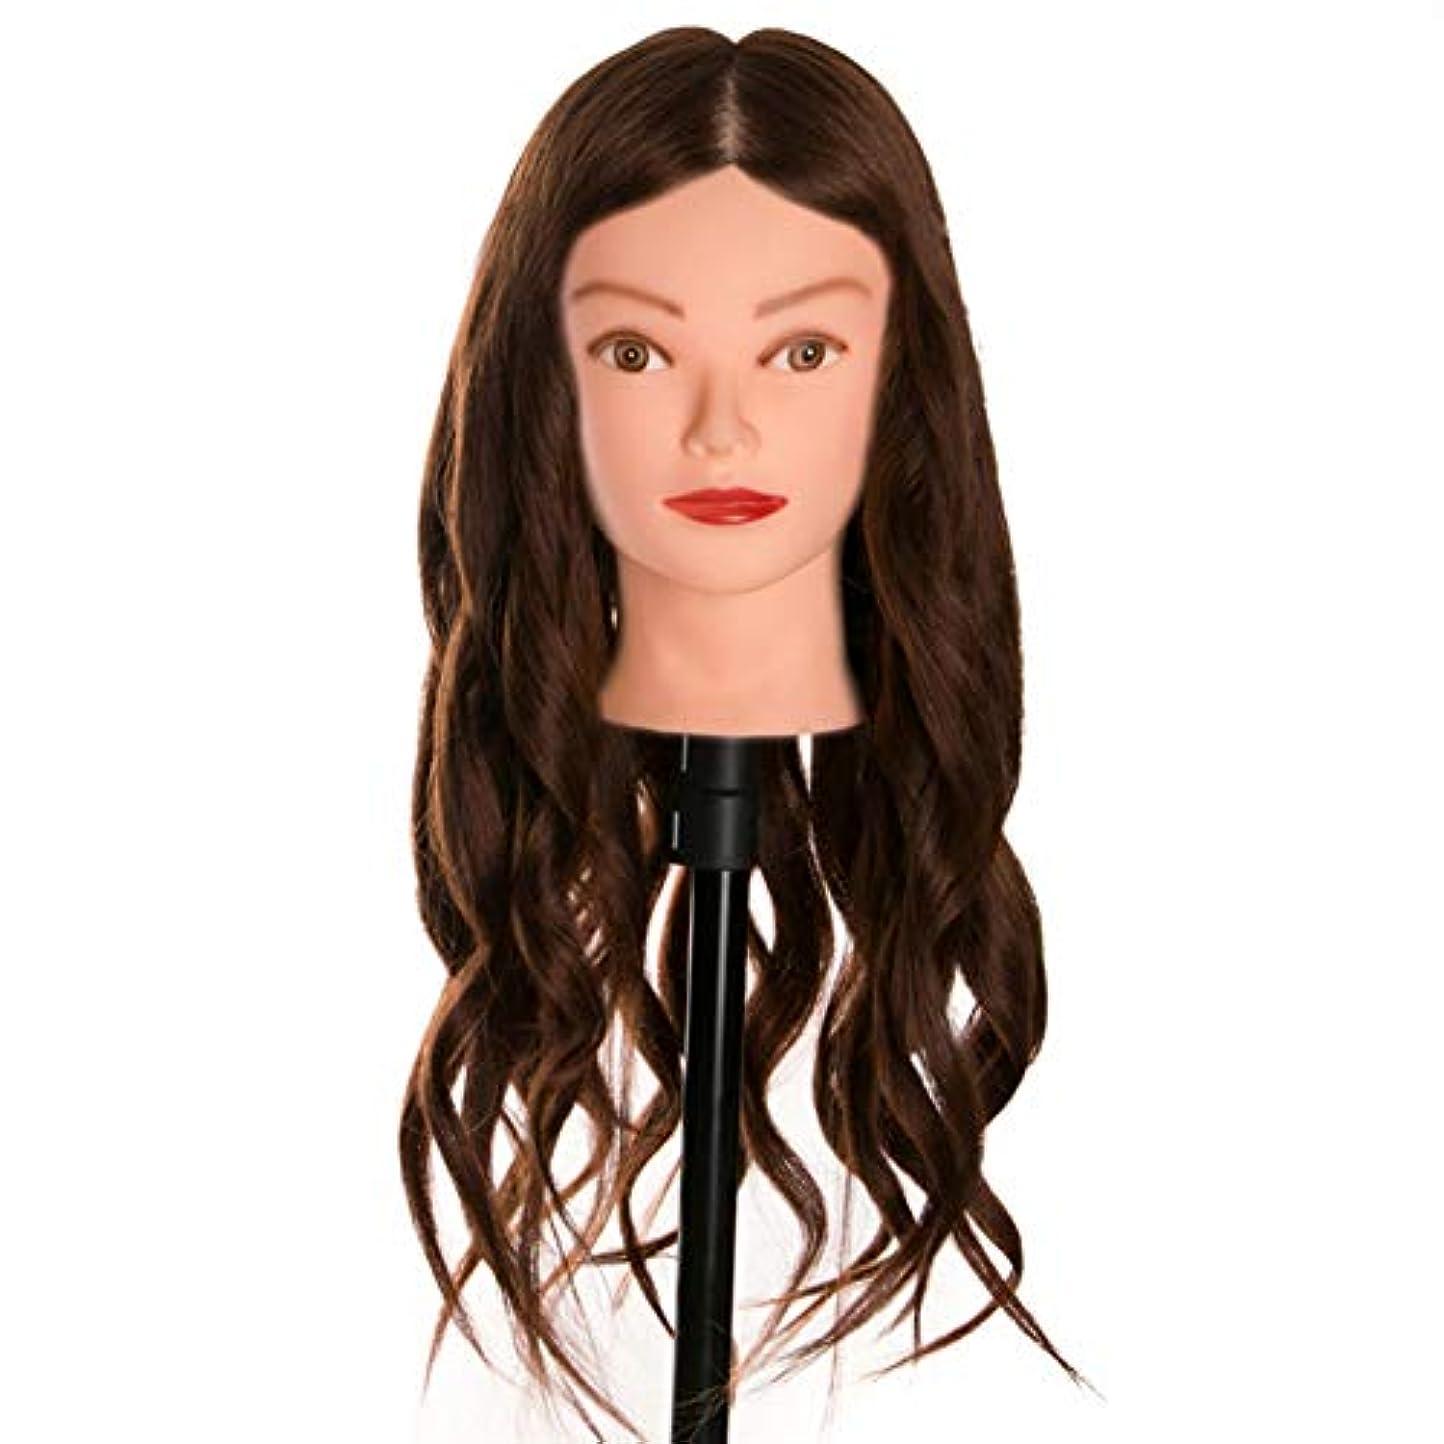 理髪サロンエクササイズヘッド金型メイクディスクヘアスタイリング編み教育ダミーヘッドヘアカットトレーニングかつら金型3個